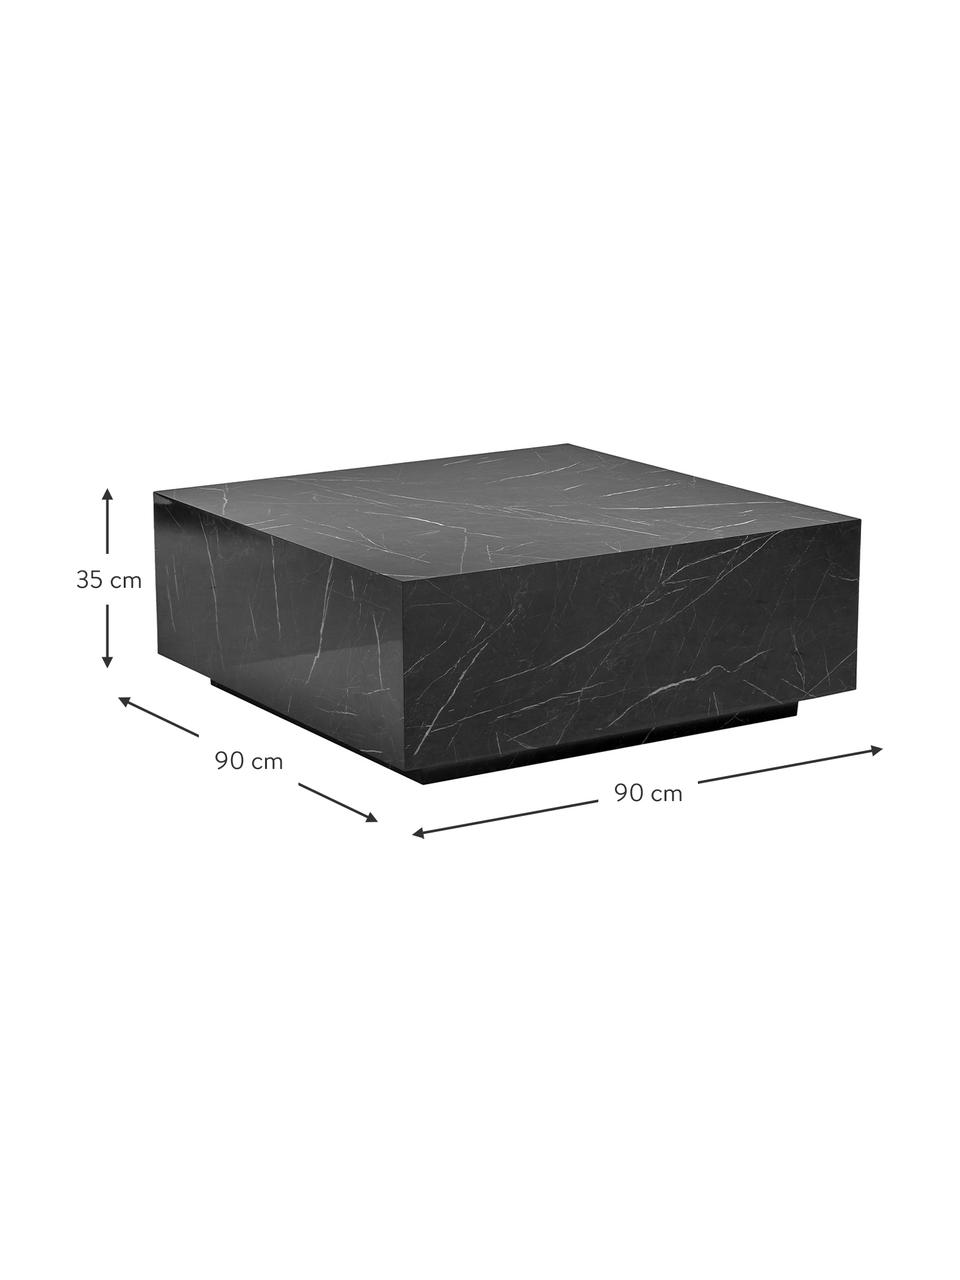 Tavolino da salotto vuoto effetto marmo Lesley, Pannello di fibra a media densità (MDF) rivestito con foglio di melamina, Nero effetto marmorizzato, Larg. 90 x Alt. 35 cm